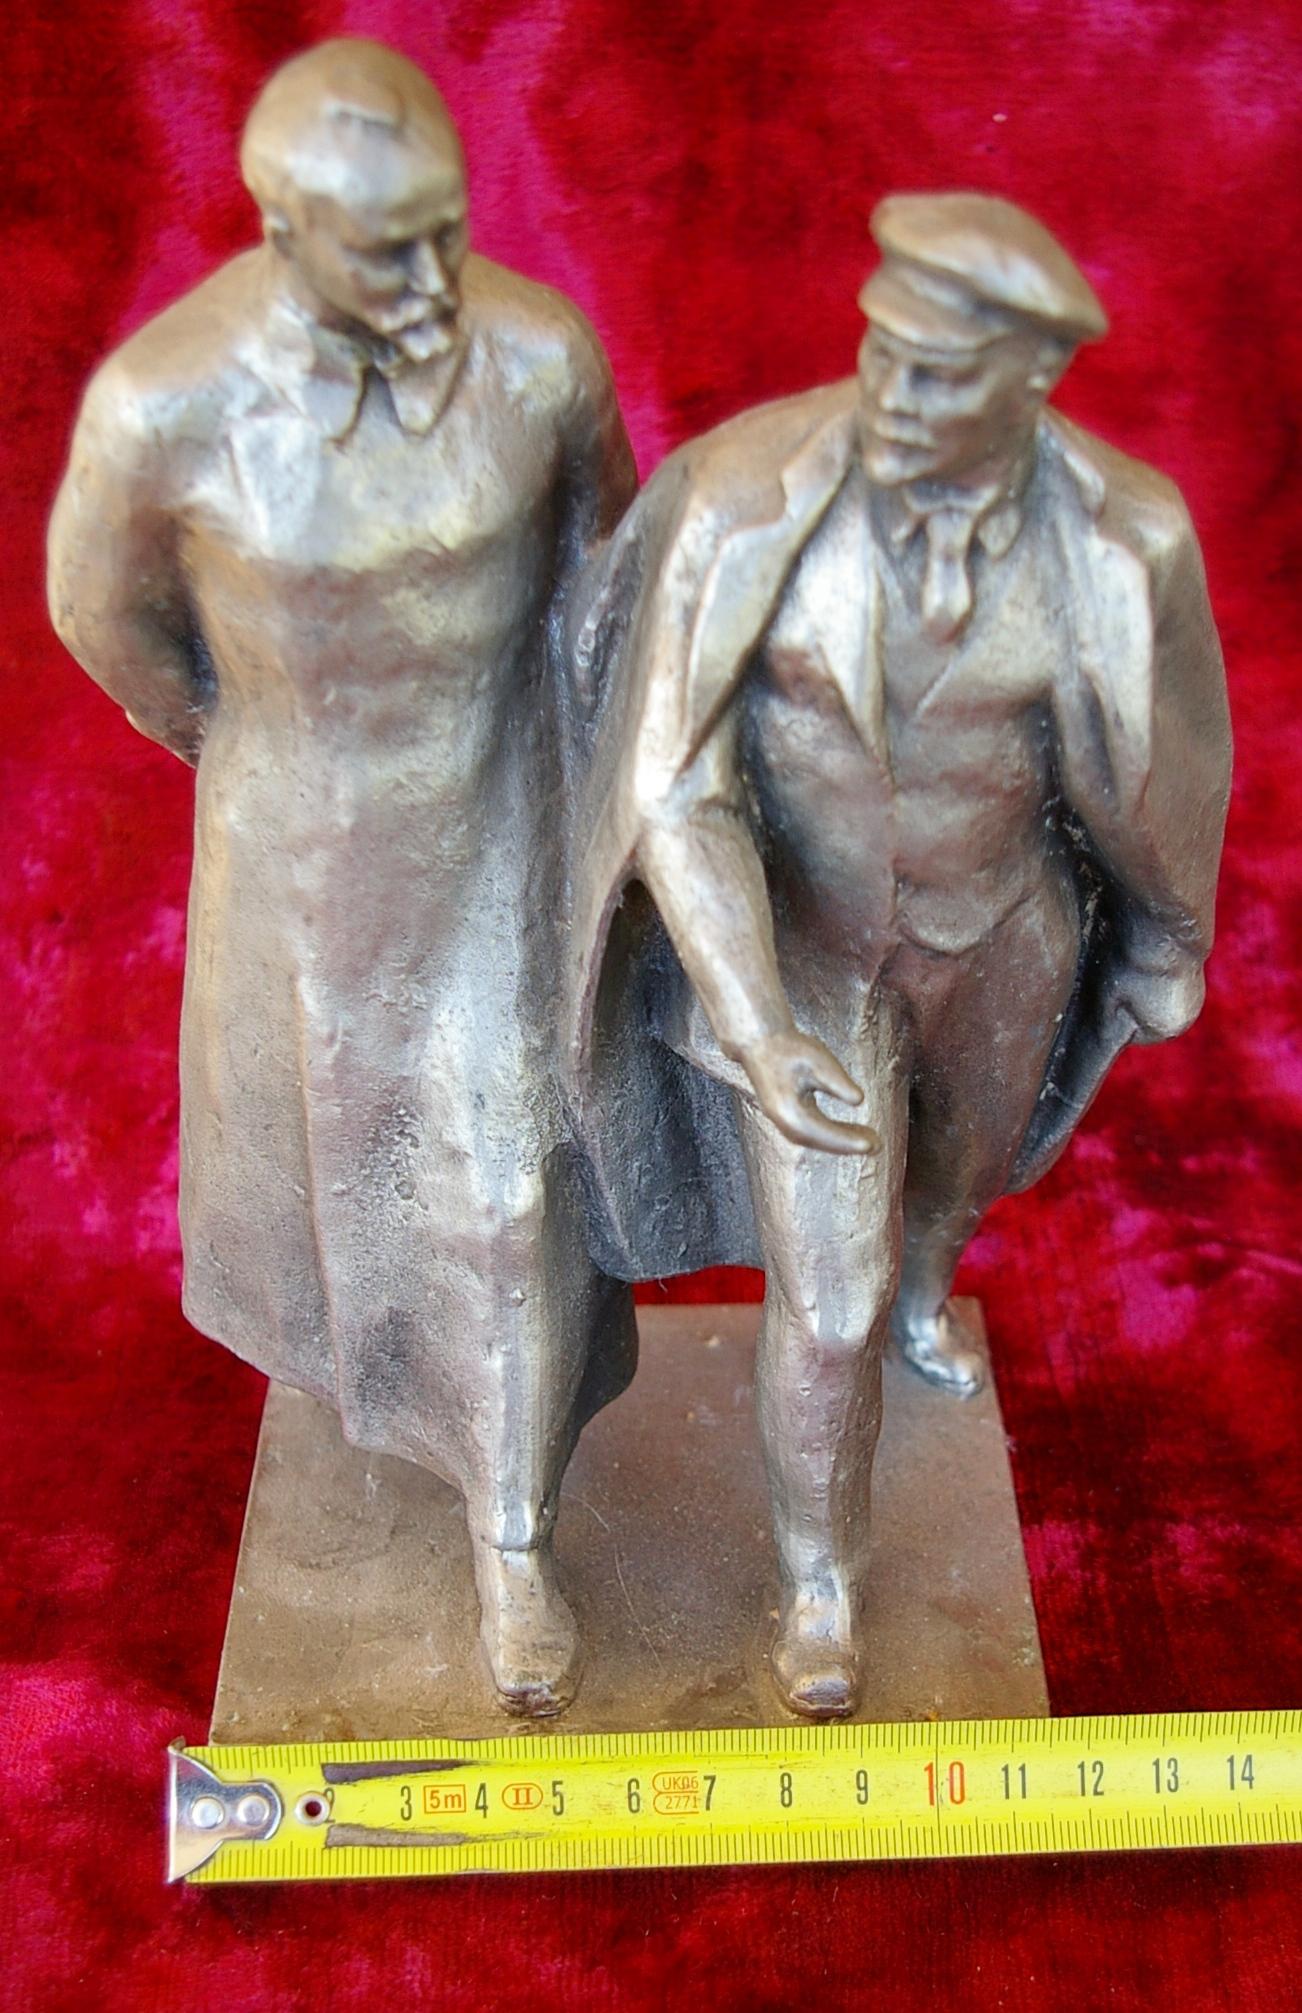 Скульптура Ленин с Дзержинским, материал метал, высота 23 см.,ширина 11 см., длина 11 см. - 6